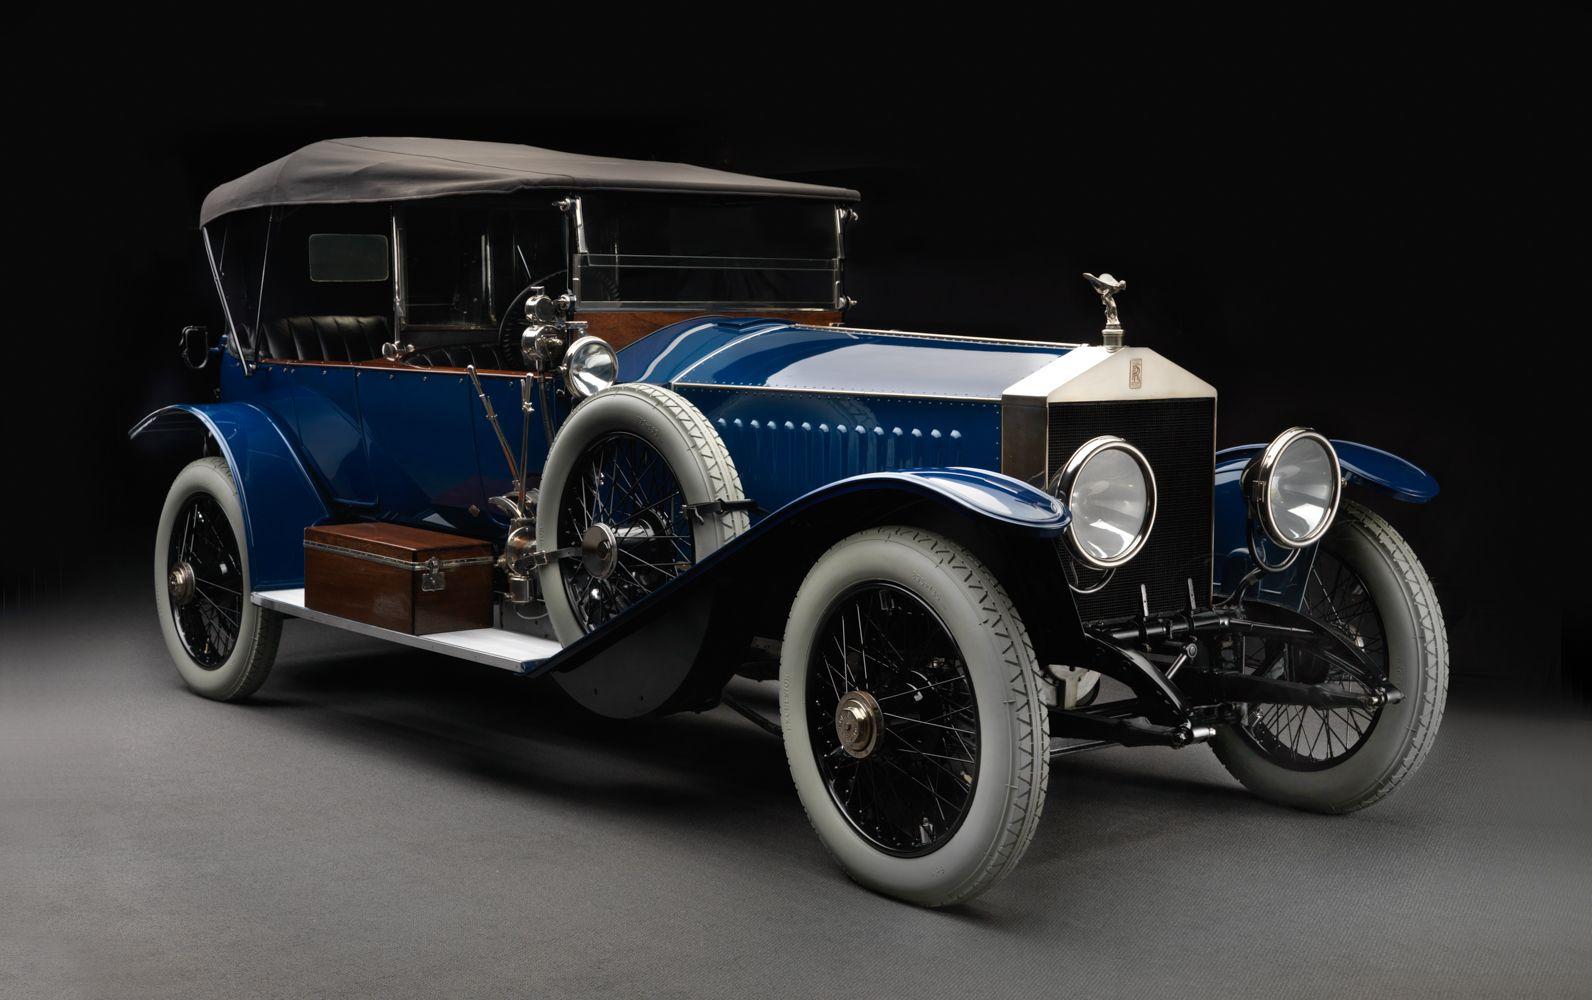 Первый автомобиль роллс ройс - Silver Ghost